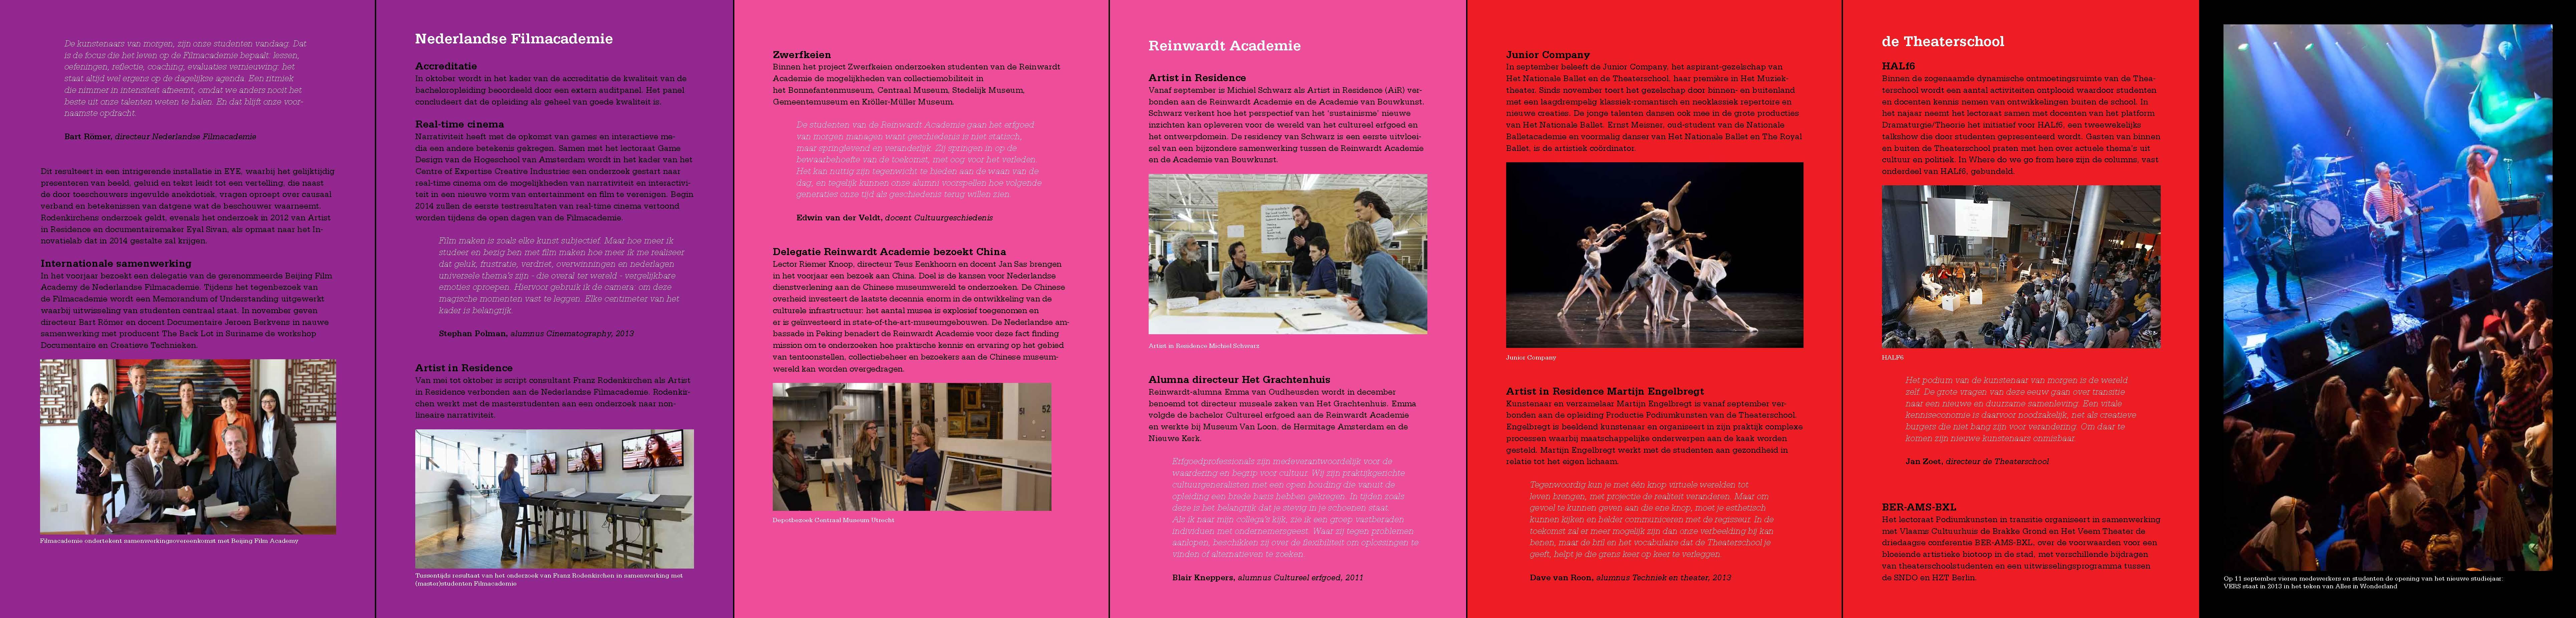 AHK_Jaarverslag_2013-2_Page_4